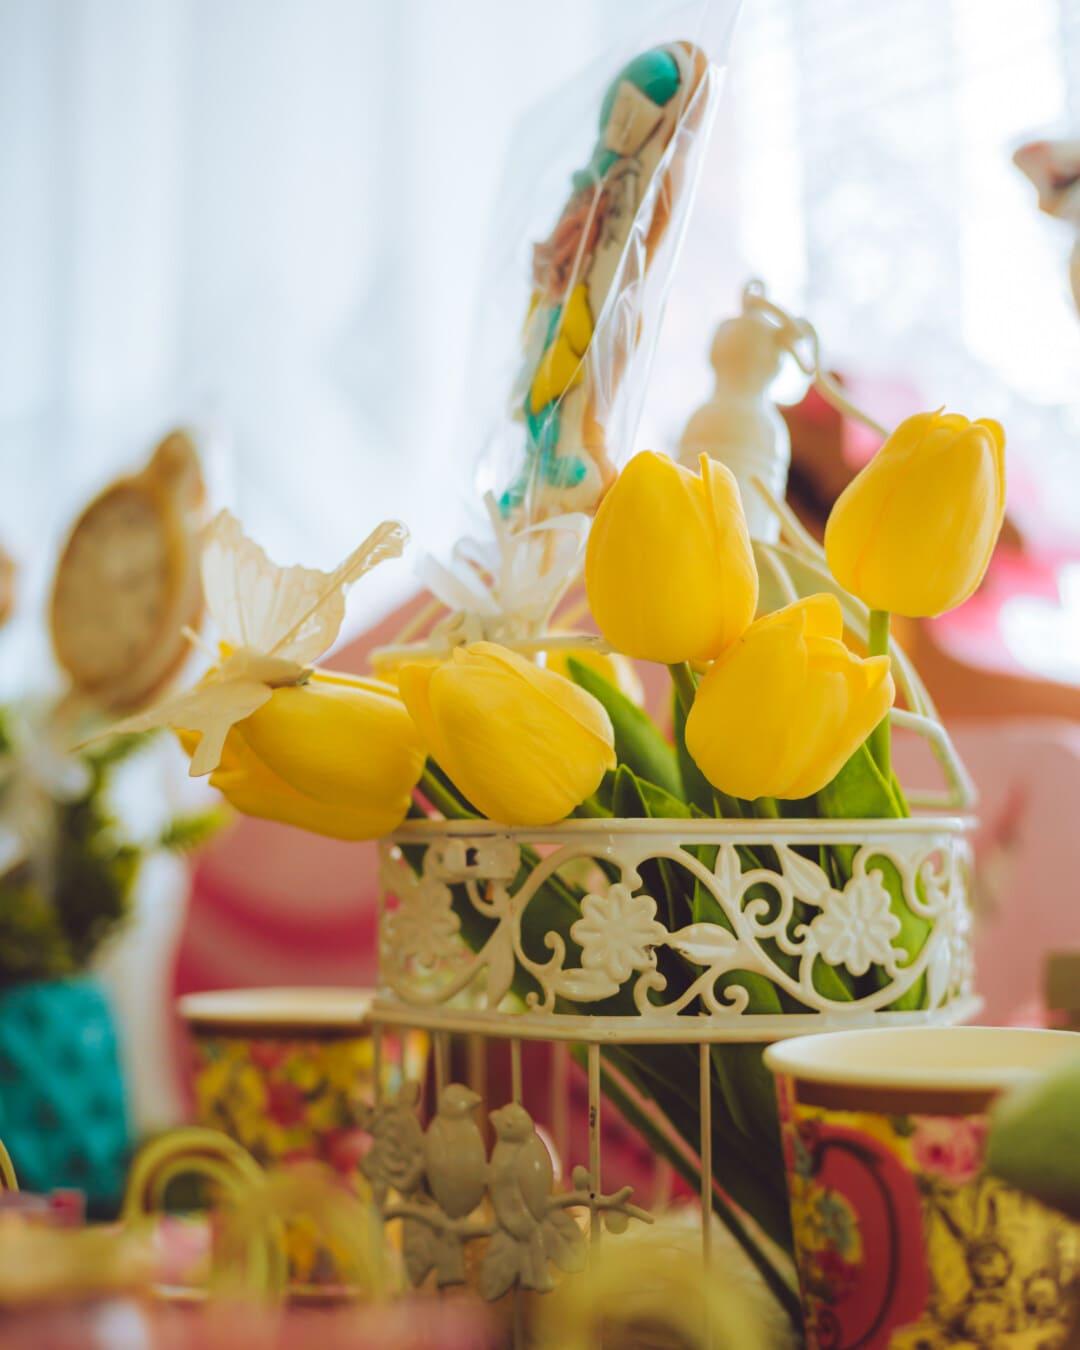 Dekoration, Ostern, Tulpen, gelb, Blumenstrauß, Blumen, Still-Leben, Tulpe, Blume, Natur